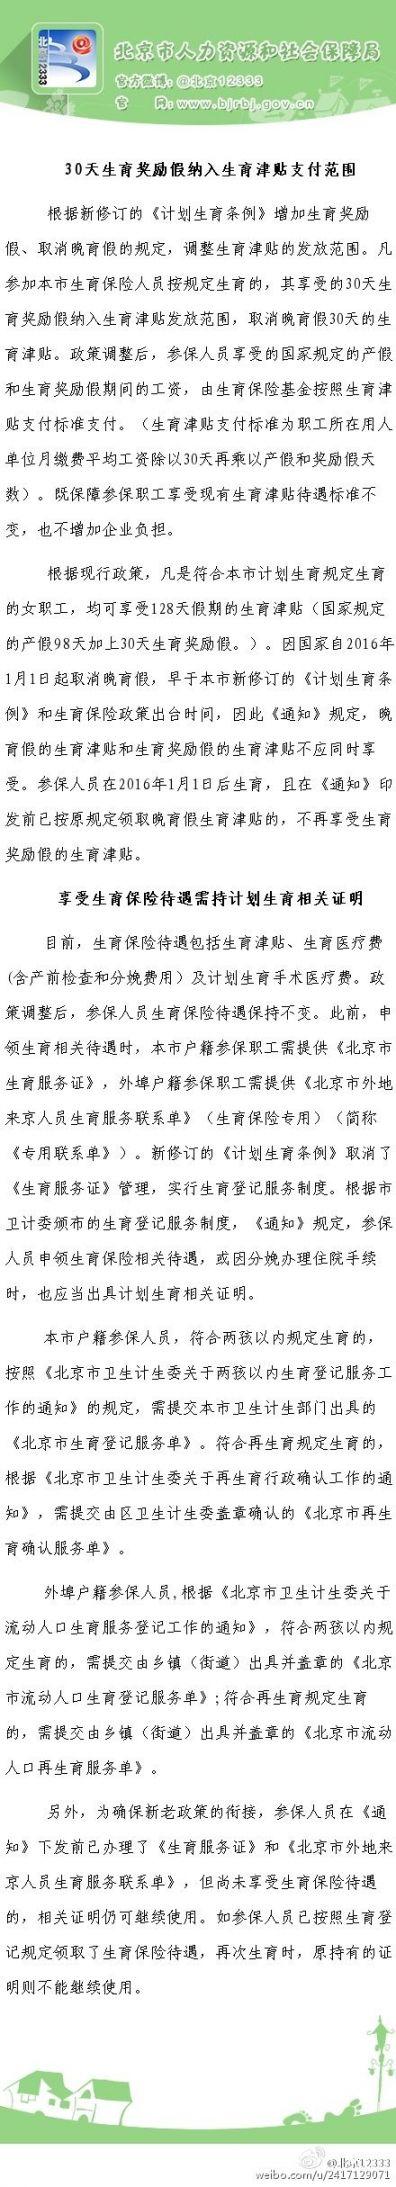 2016年北京生育津贴发放范围